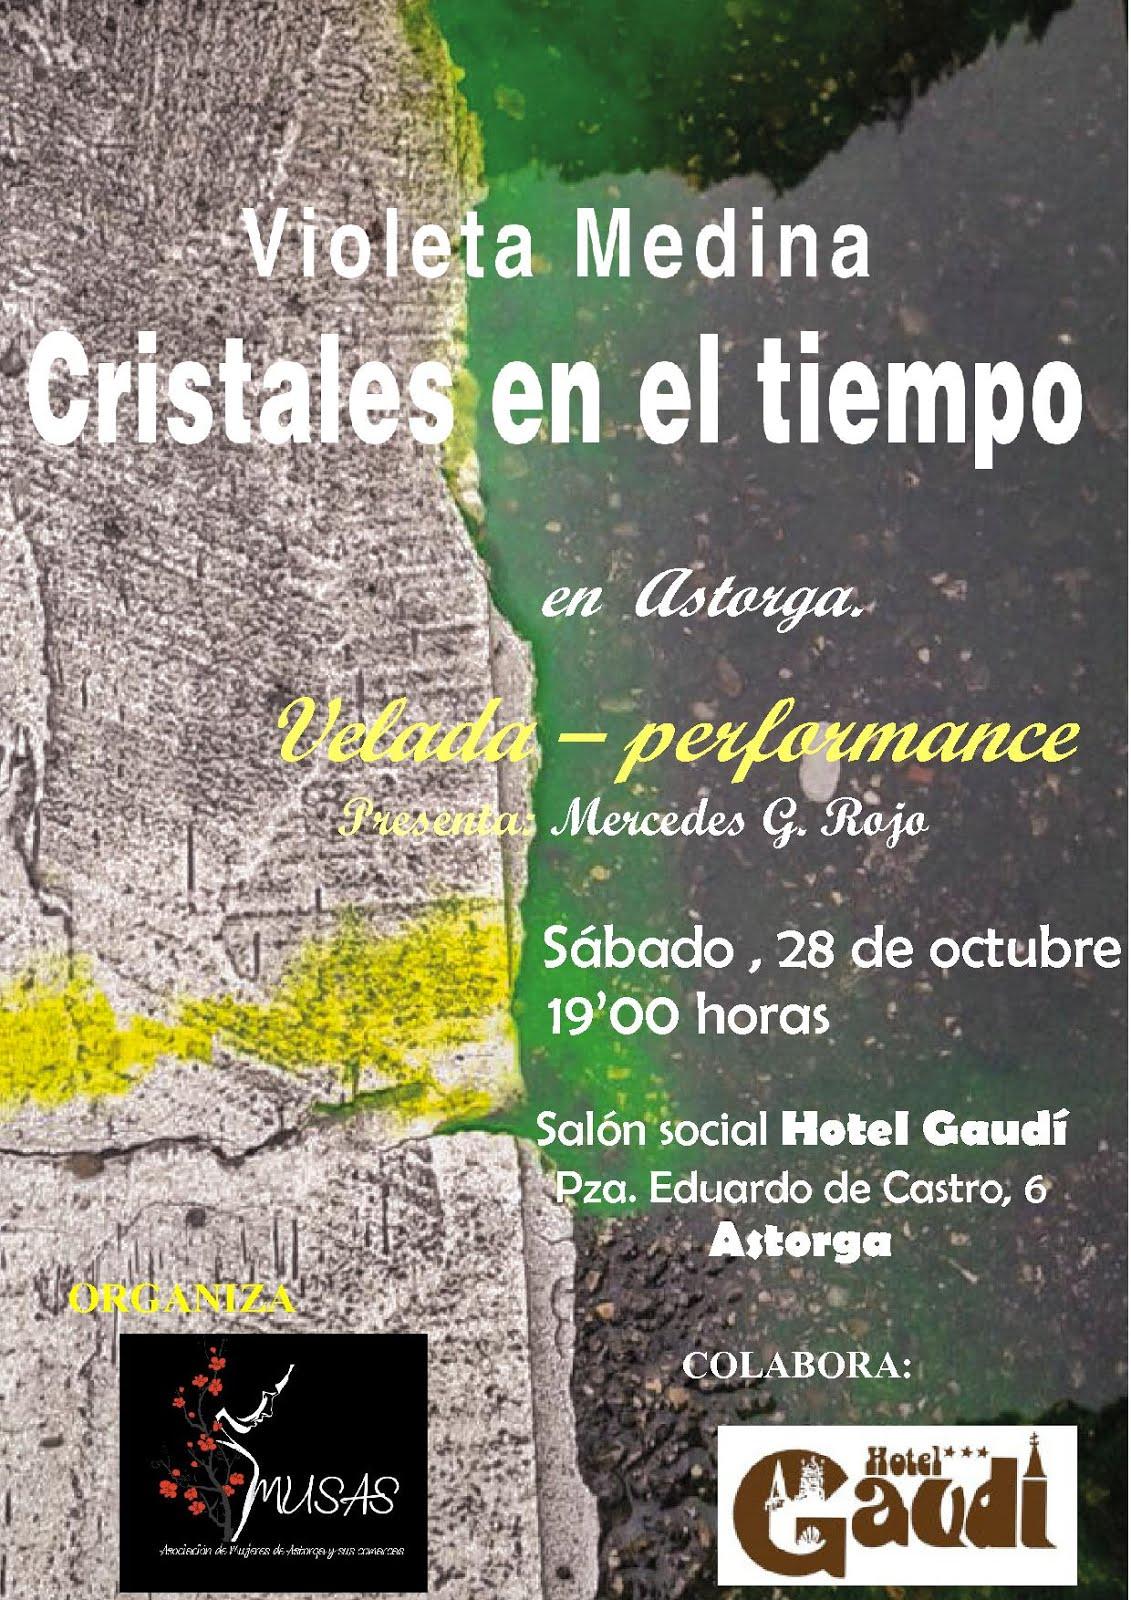 Presentación de Violeta Medina en Astorga. 28 de octubre